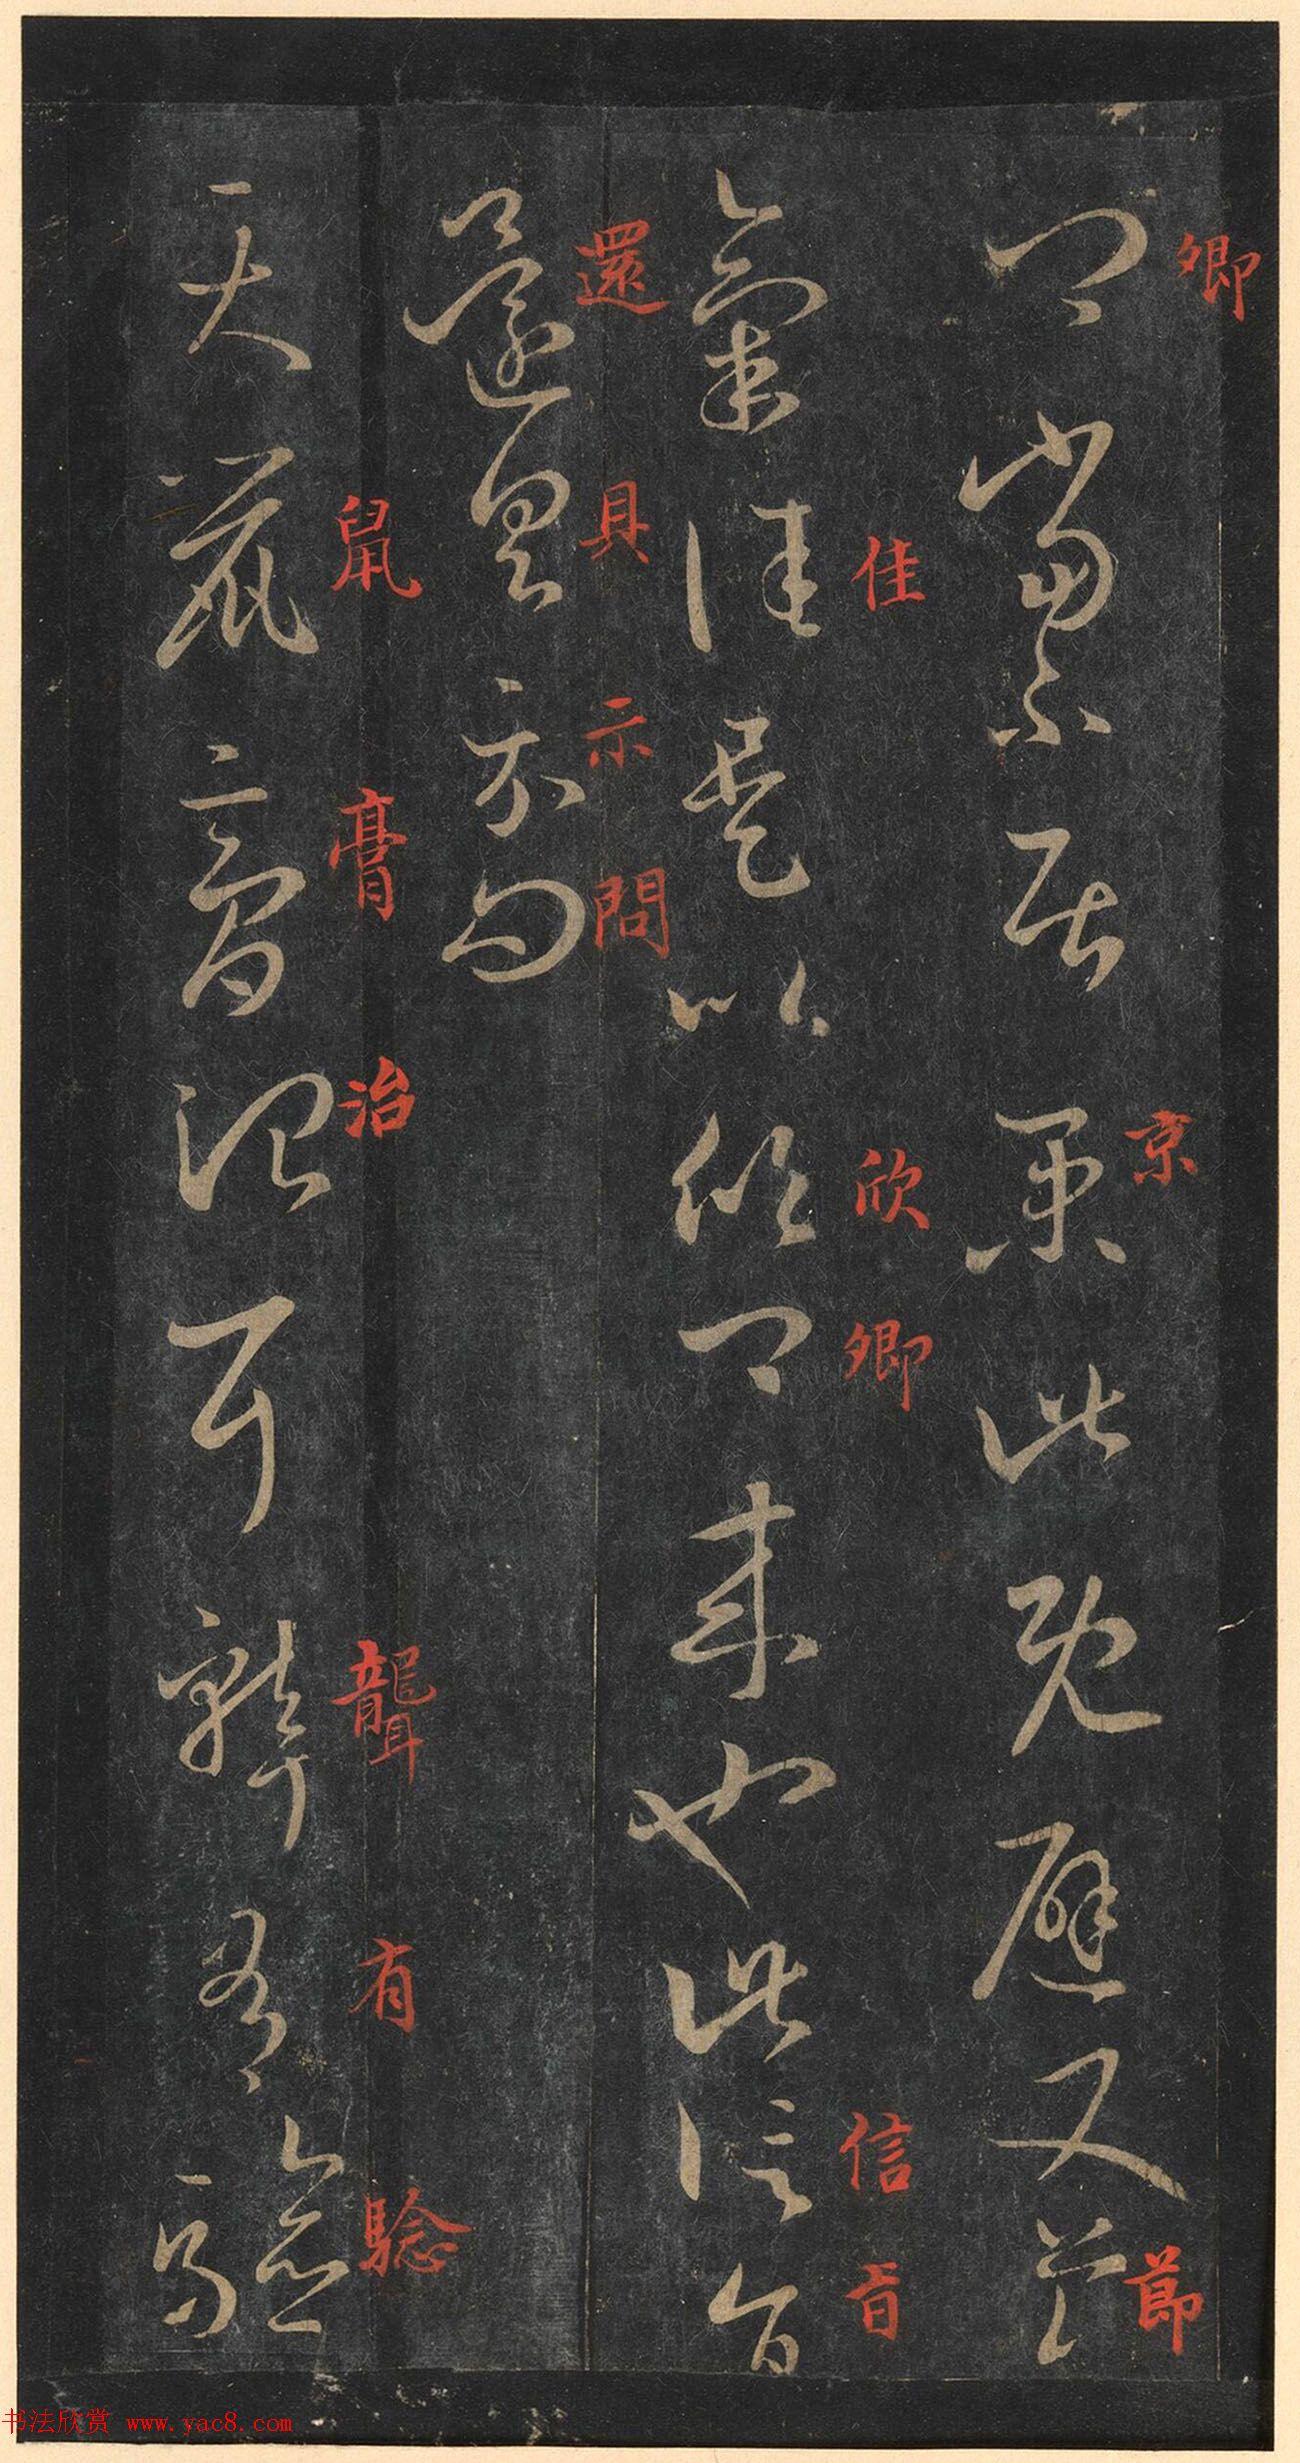 书圣王羲之草书《十七帖》含朱文释文(美国藏)